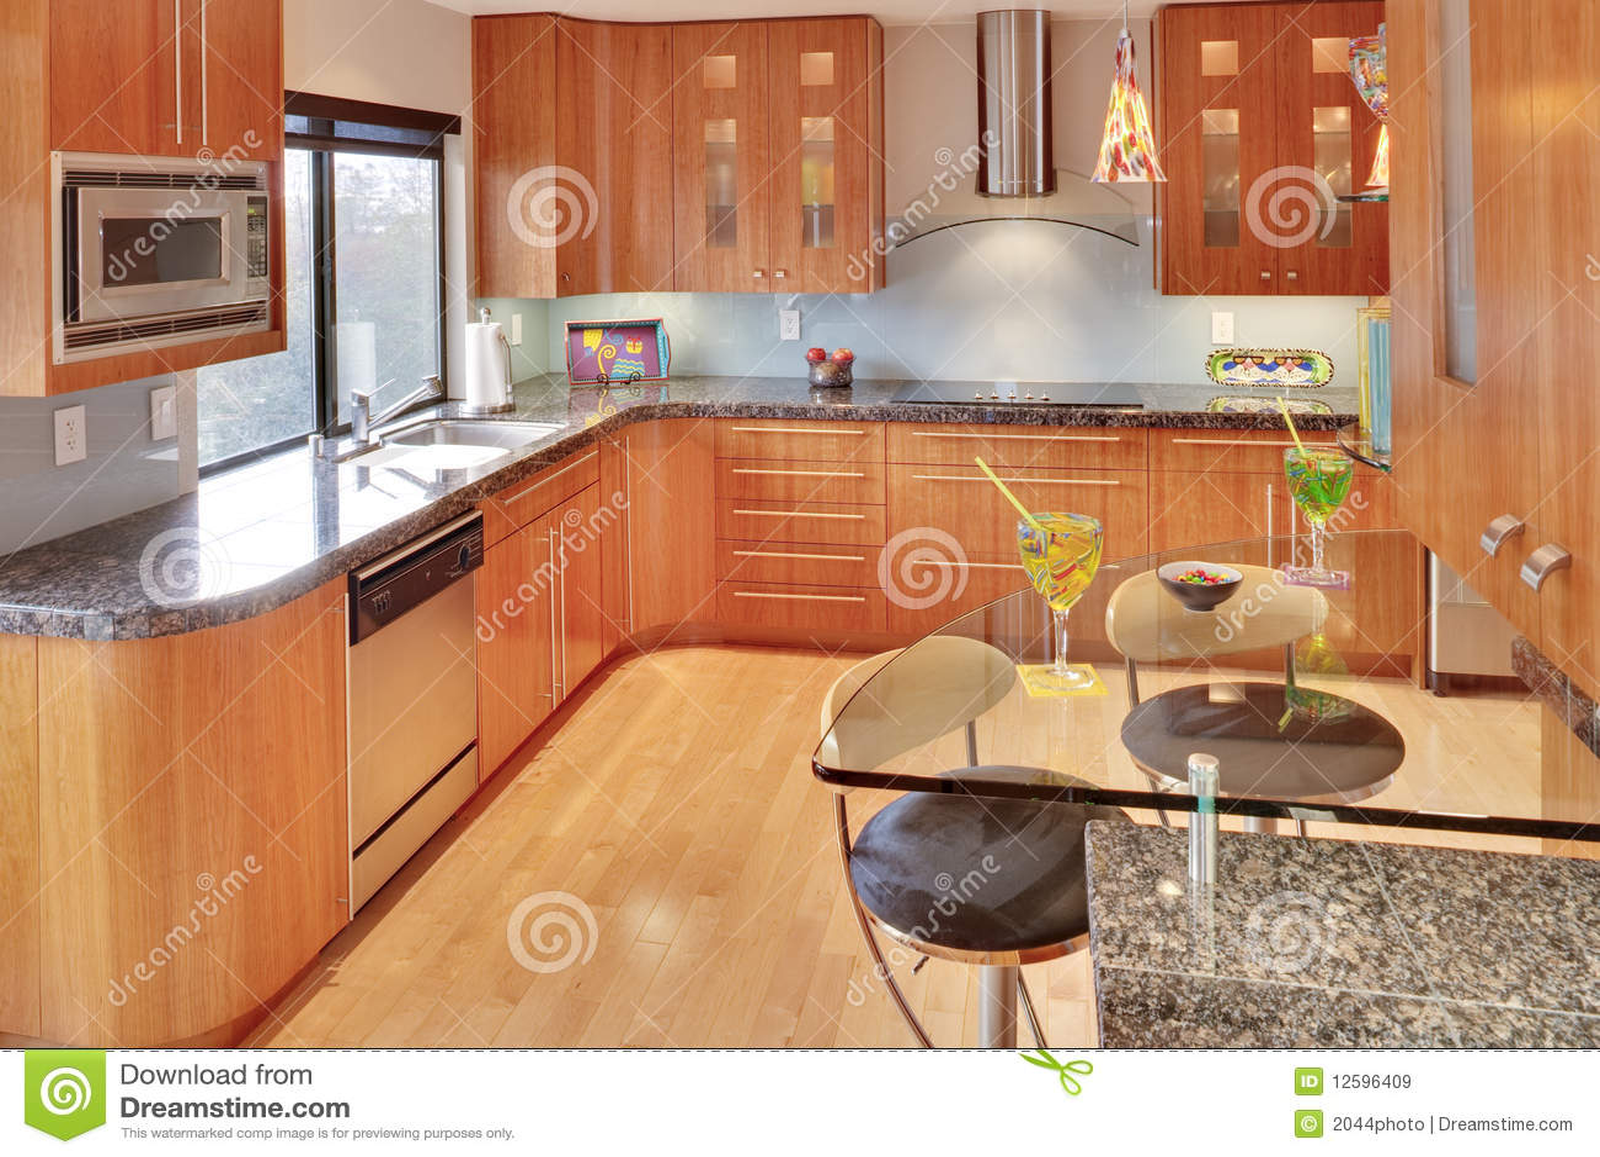 Reciclada cocina gabinetes rea de la bah a for Gabinetes para cocina